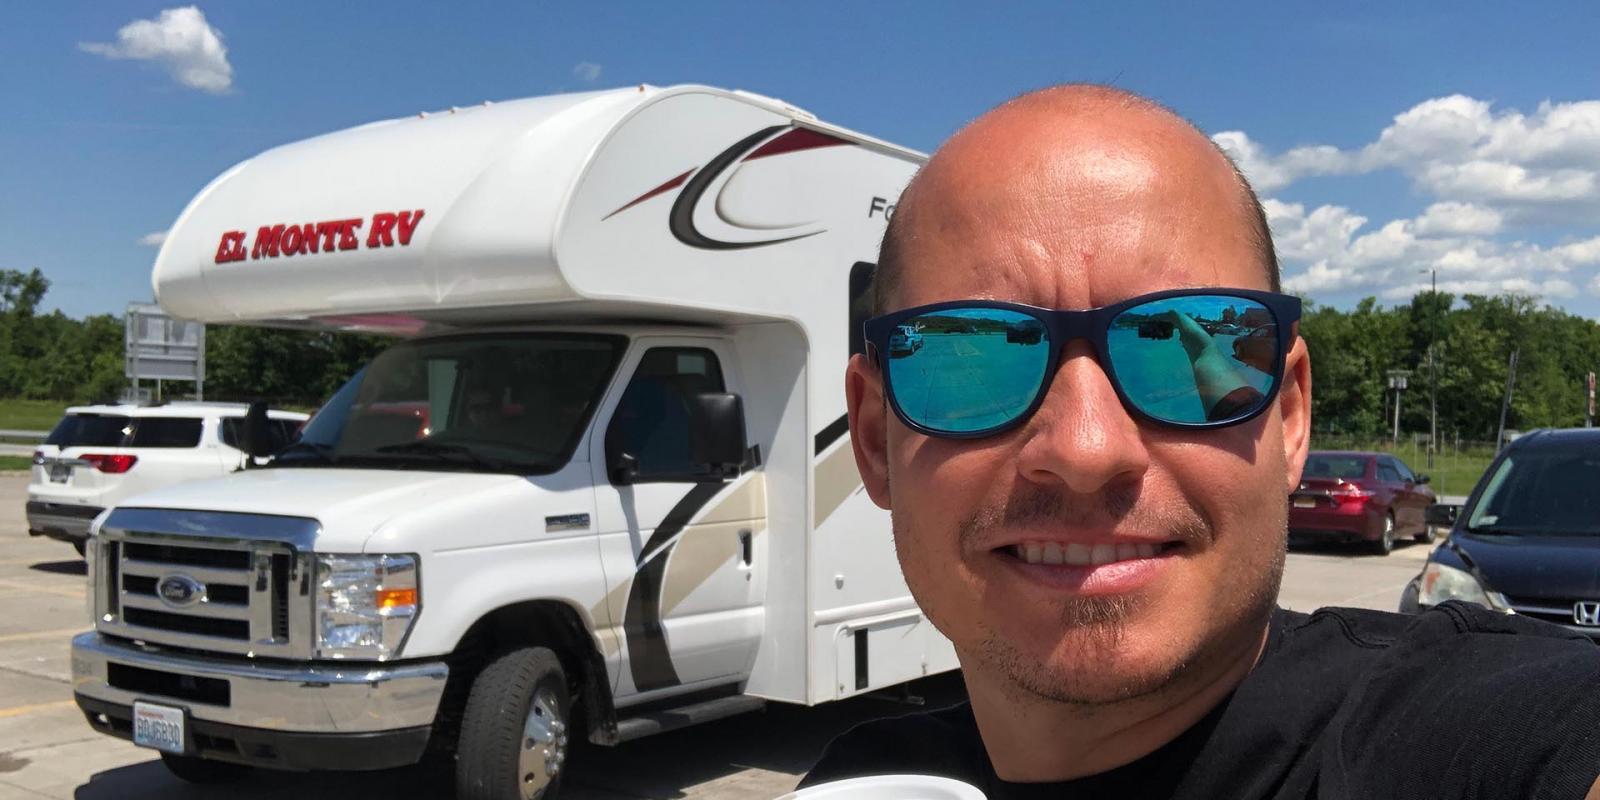 Tour von New York zu den Niagarafällen mit dem Camper